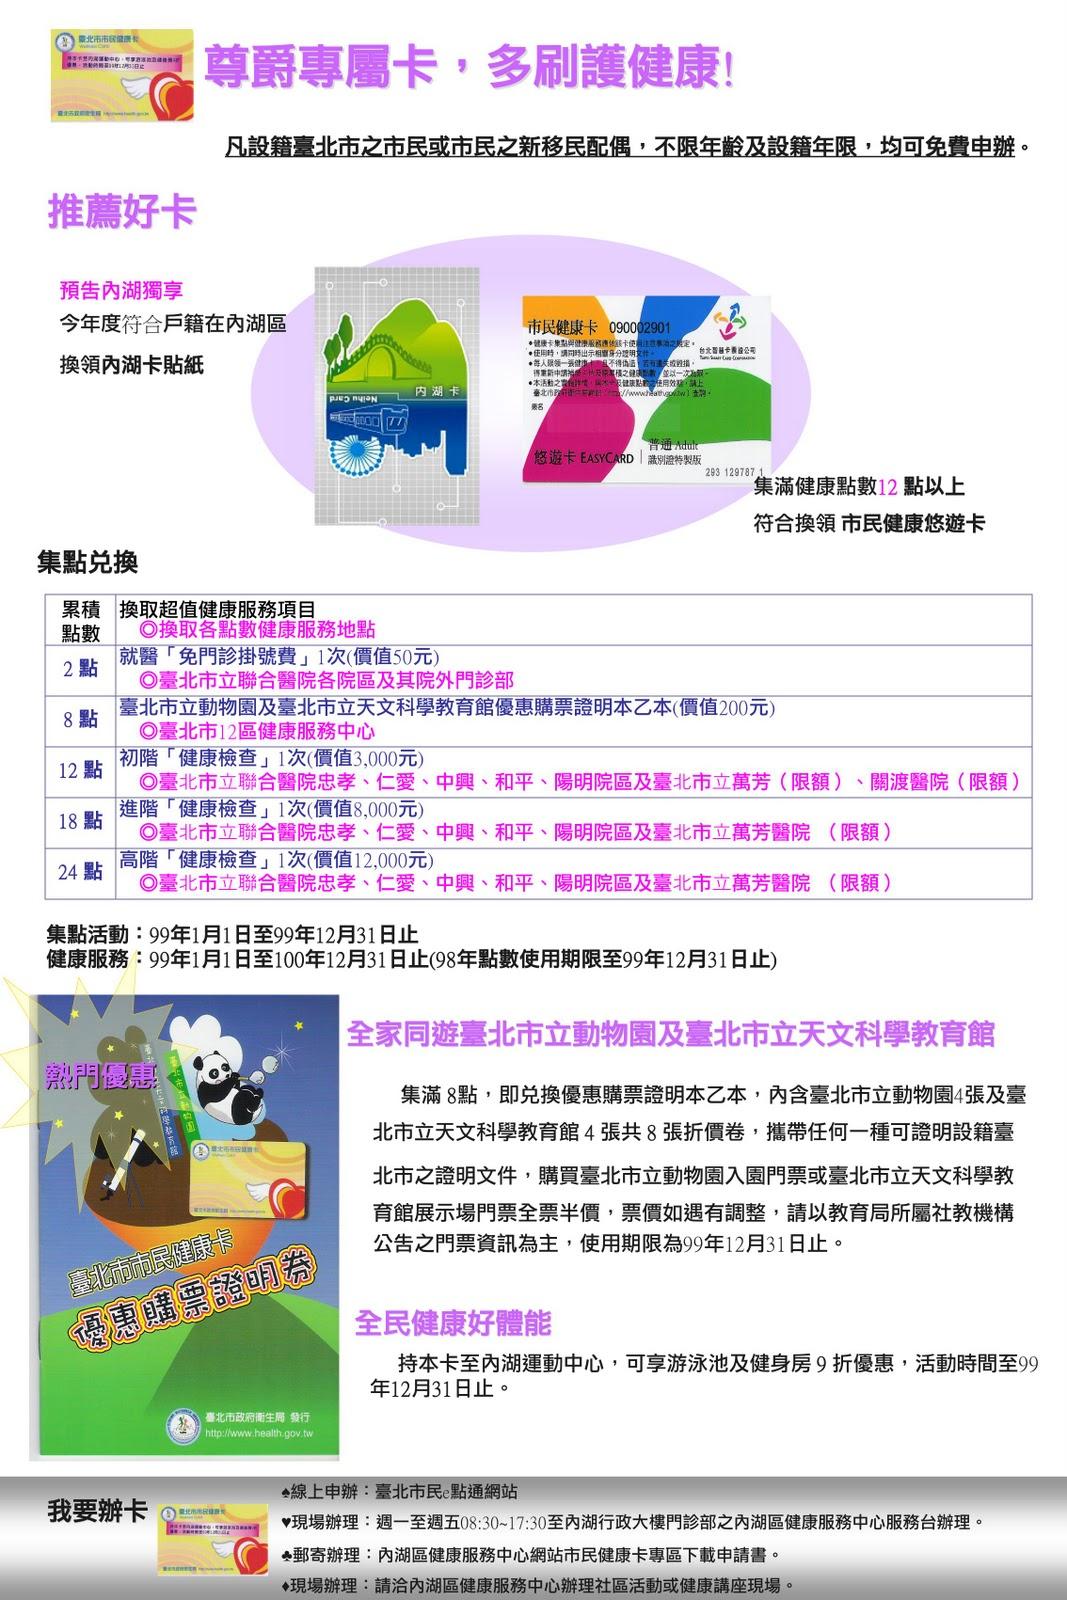 內湖卡頭好壯壯更健康!!(與市民健康卡合作) @ PTT內湖卡-官方部落格